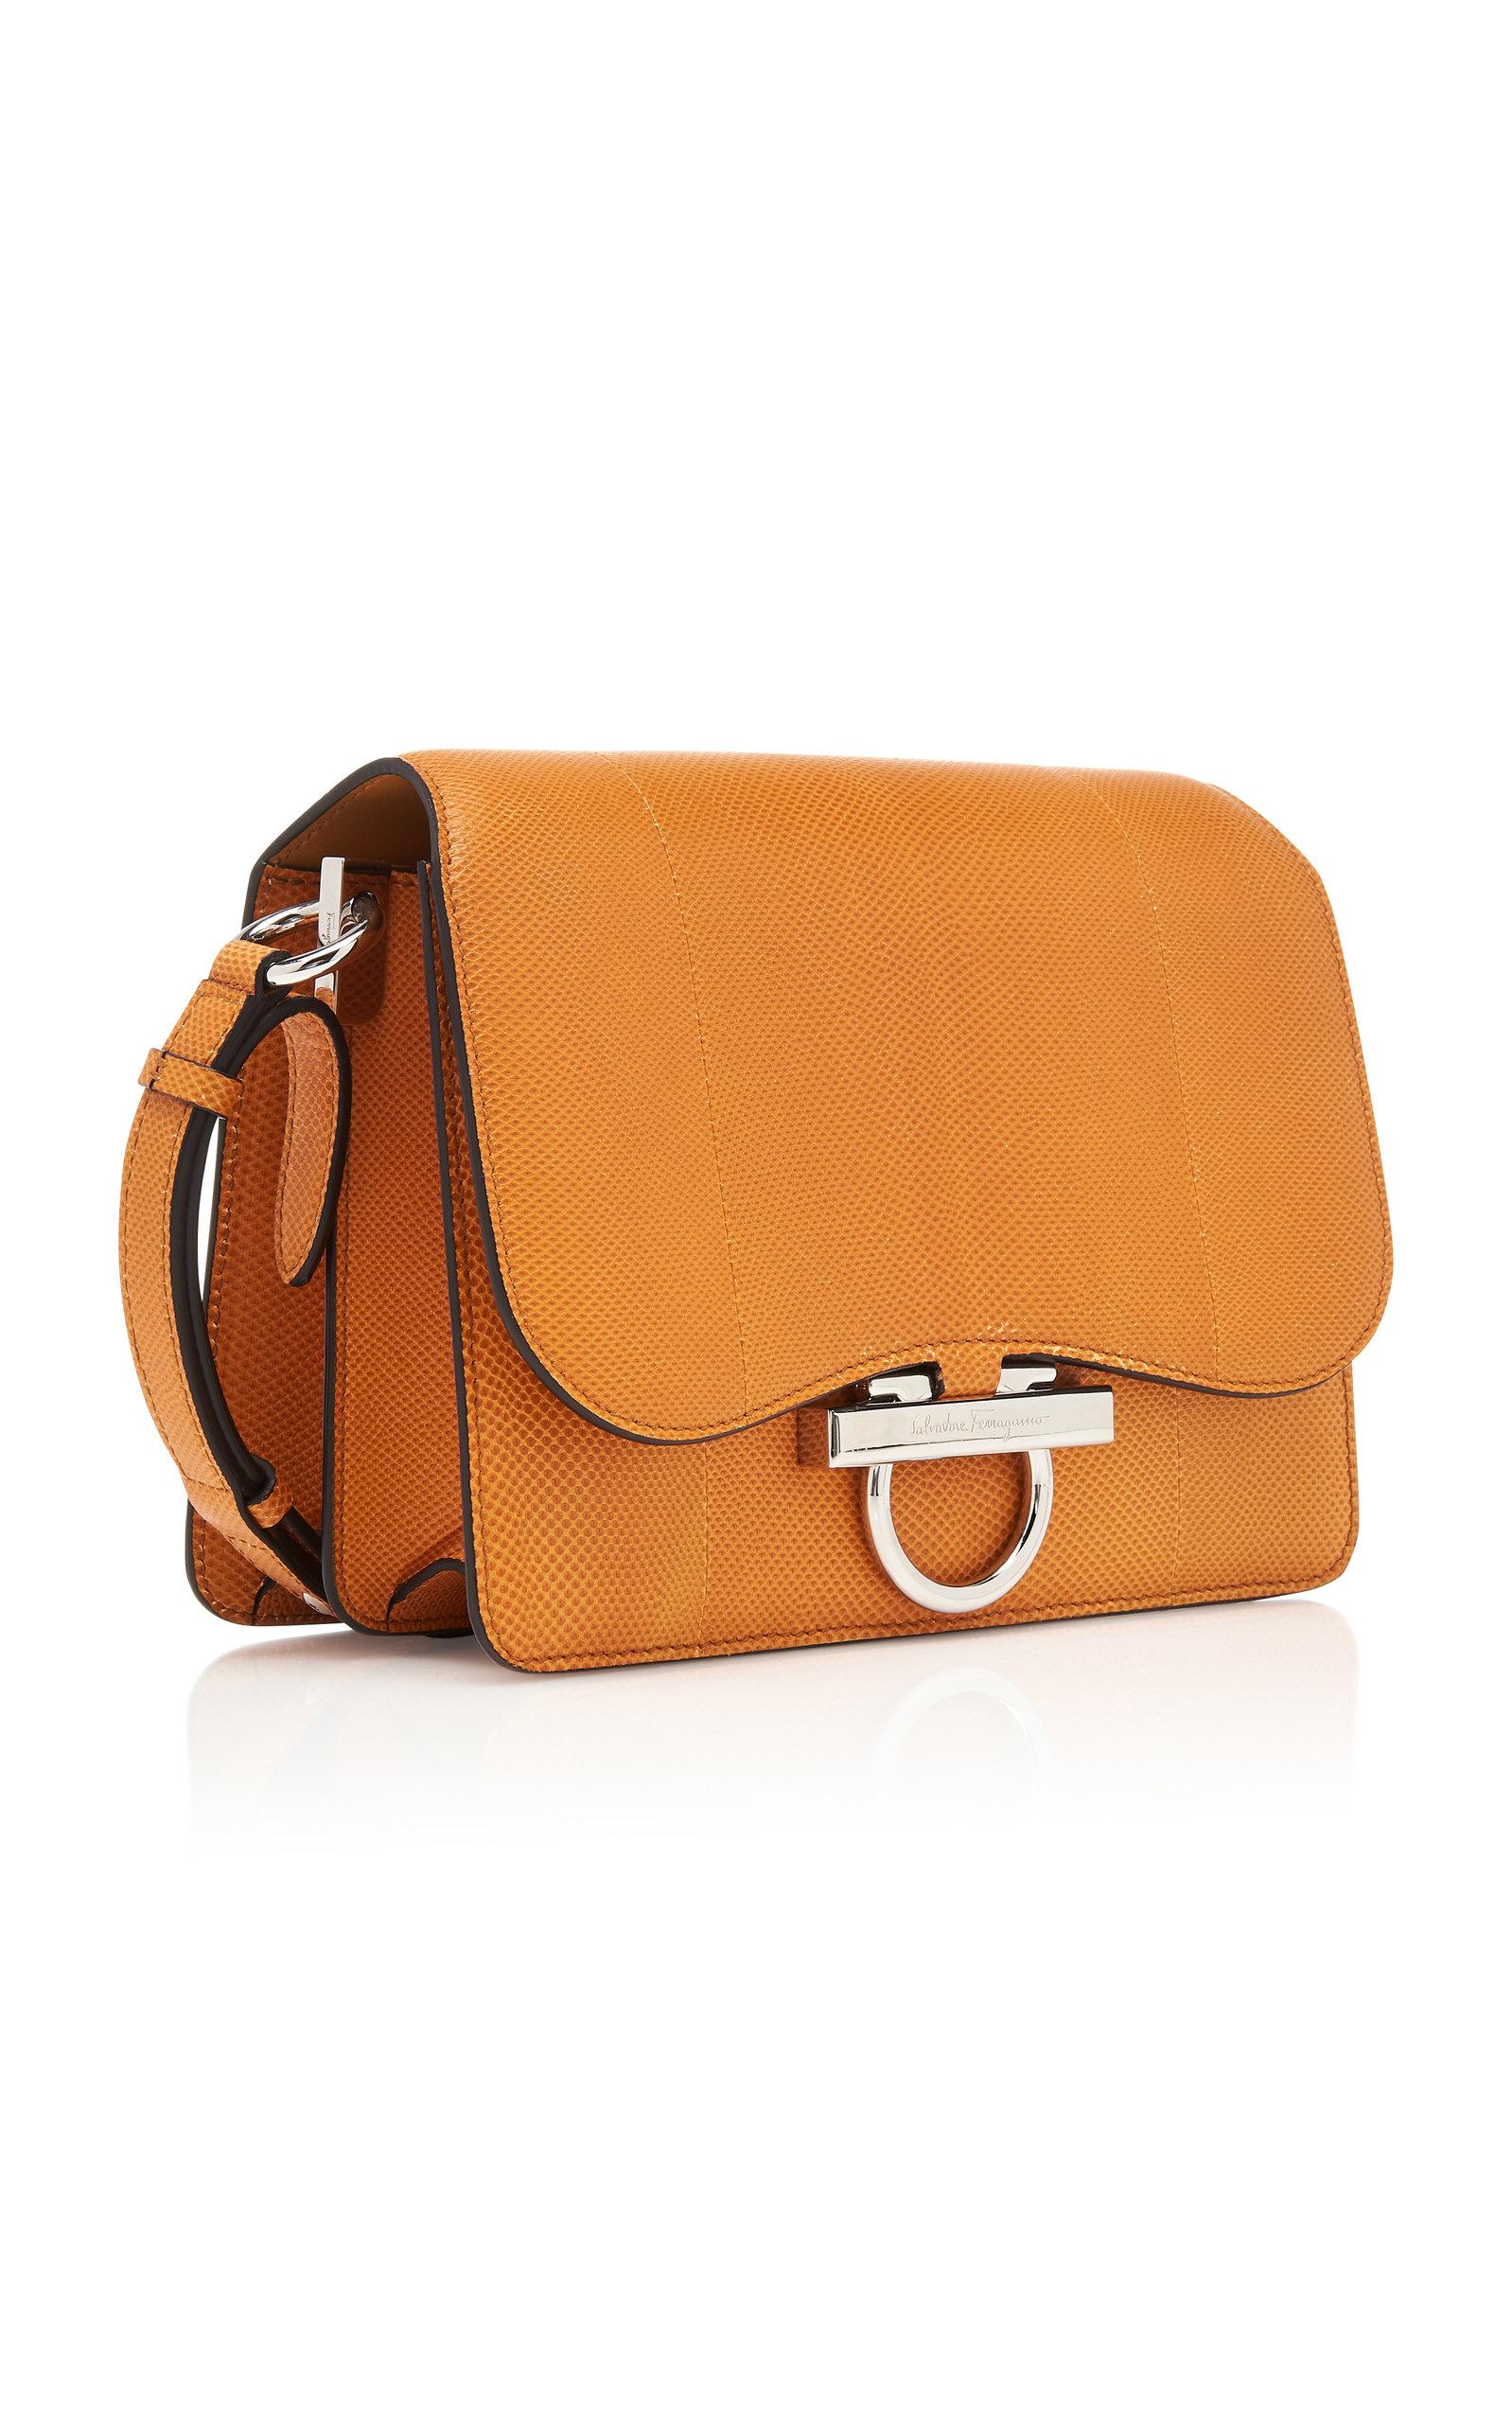 29fe0727ca670 Classic Flap Karung Bag by Salvatore Ferragamo